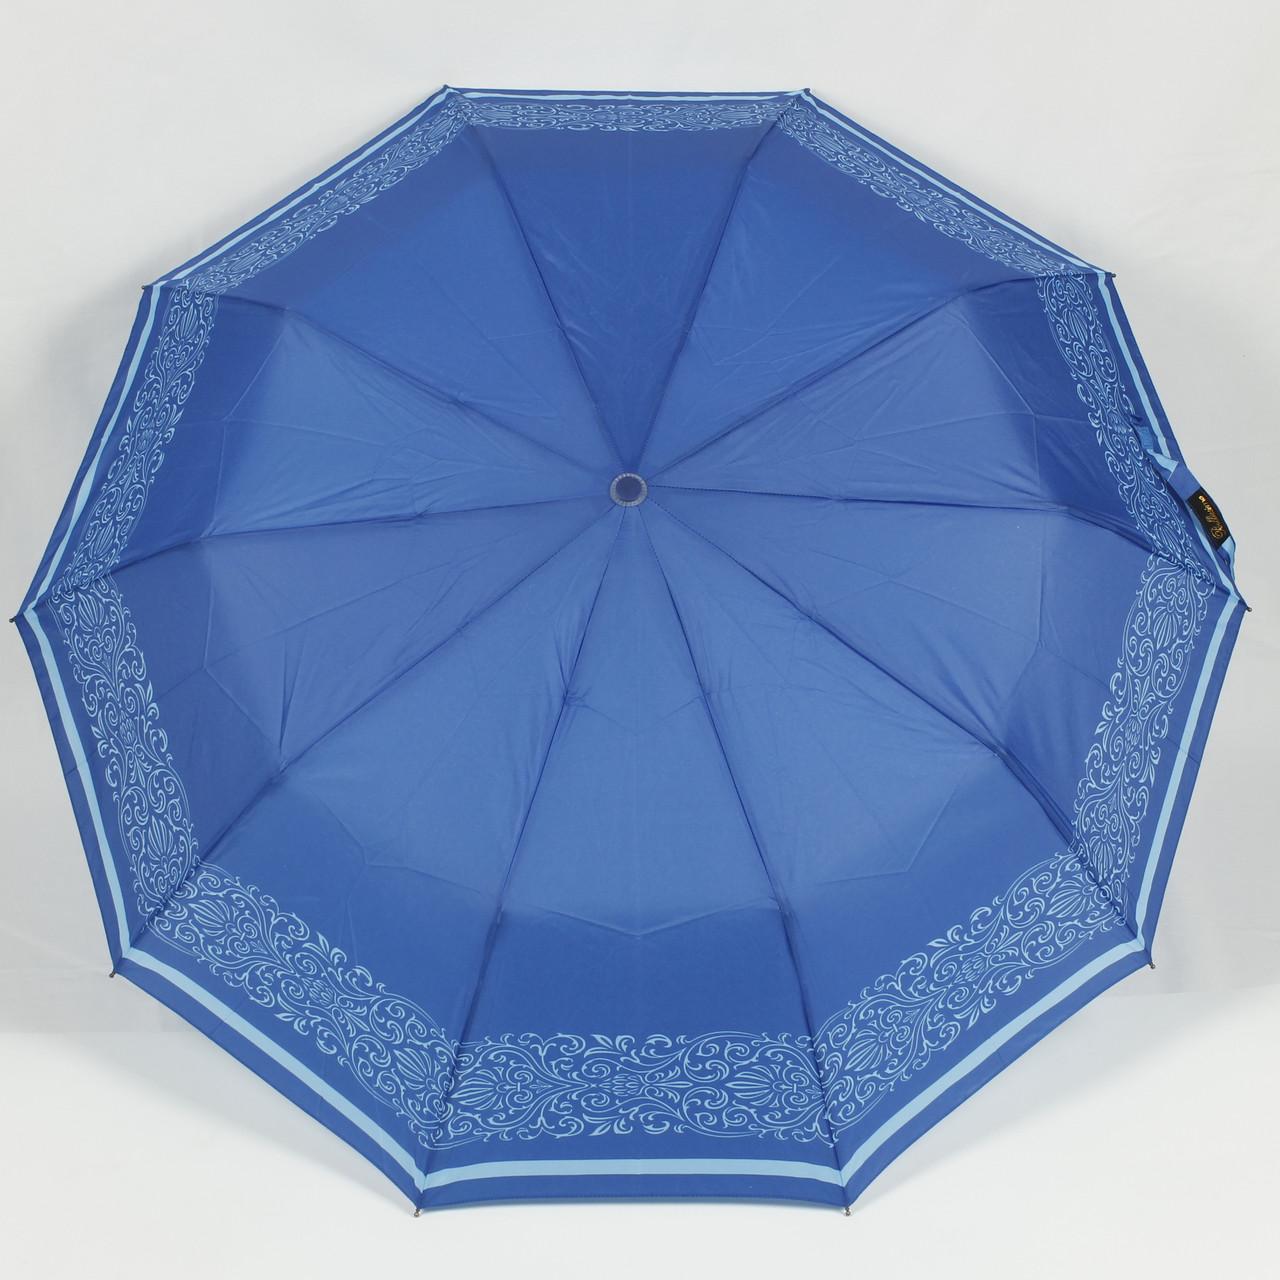 Зонт женский полуавтомат 3 сложения Bellisimo синий с орнаментом